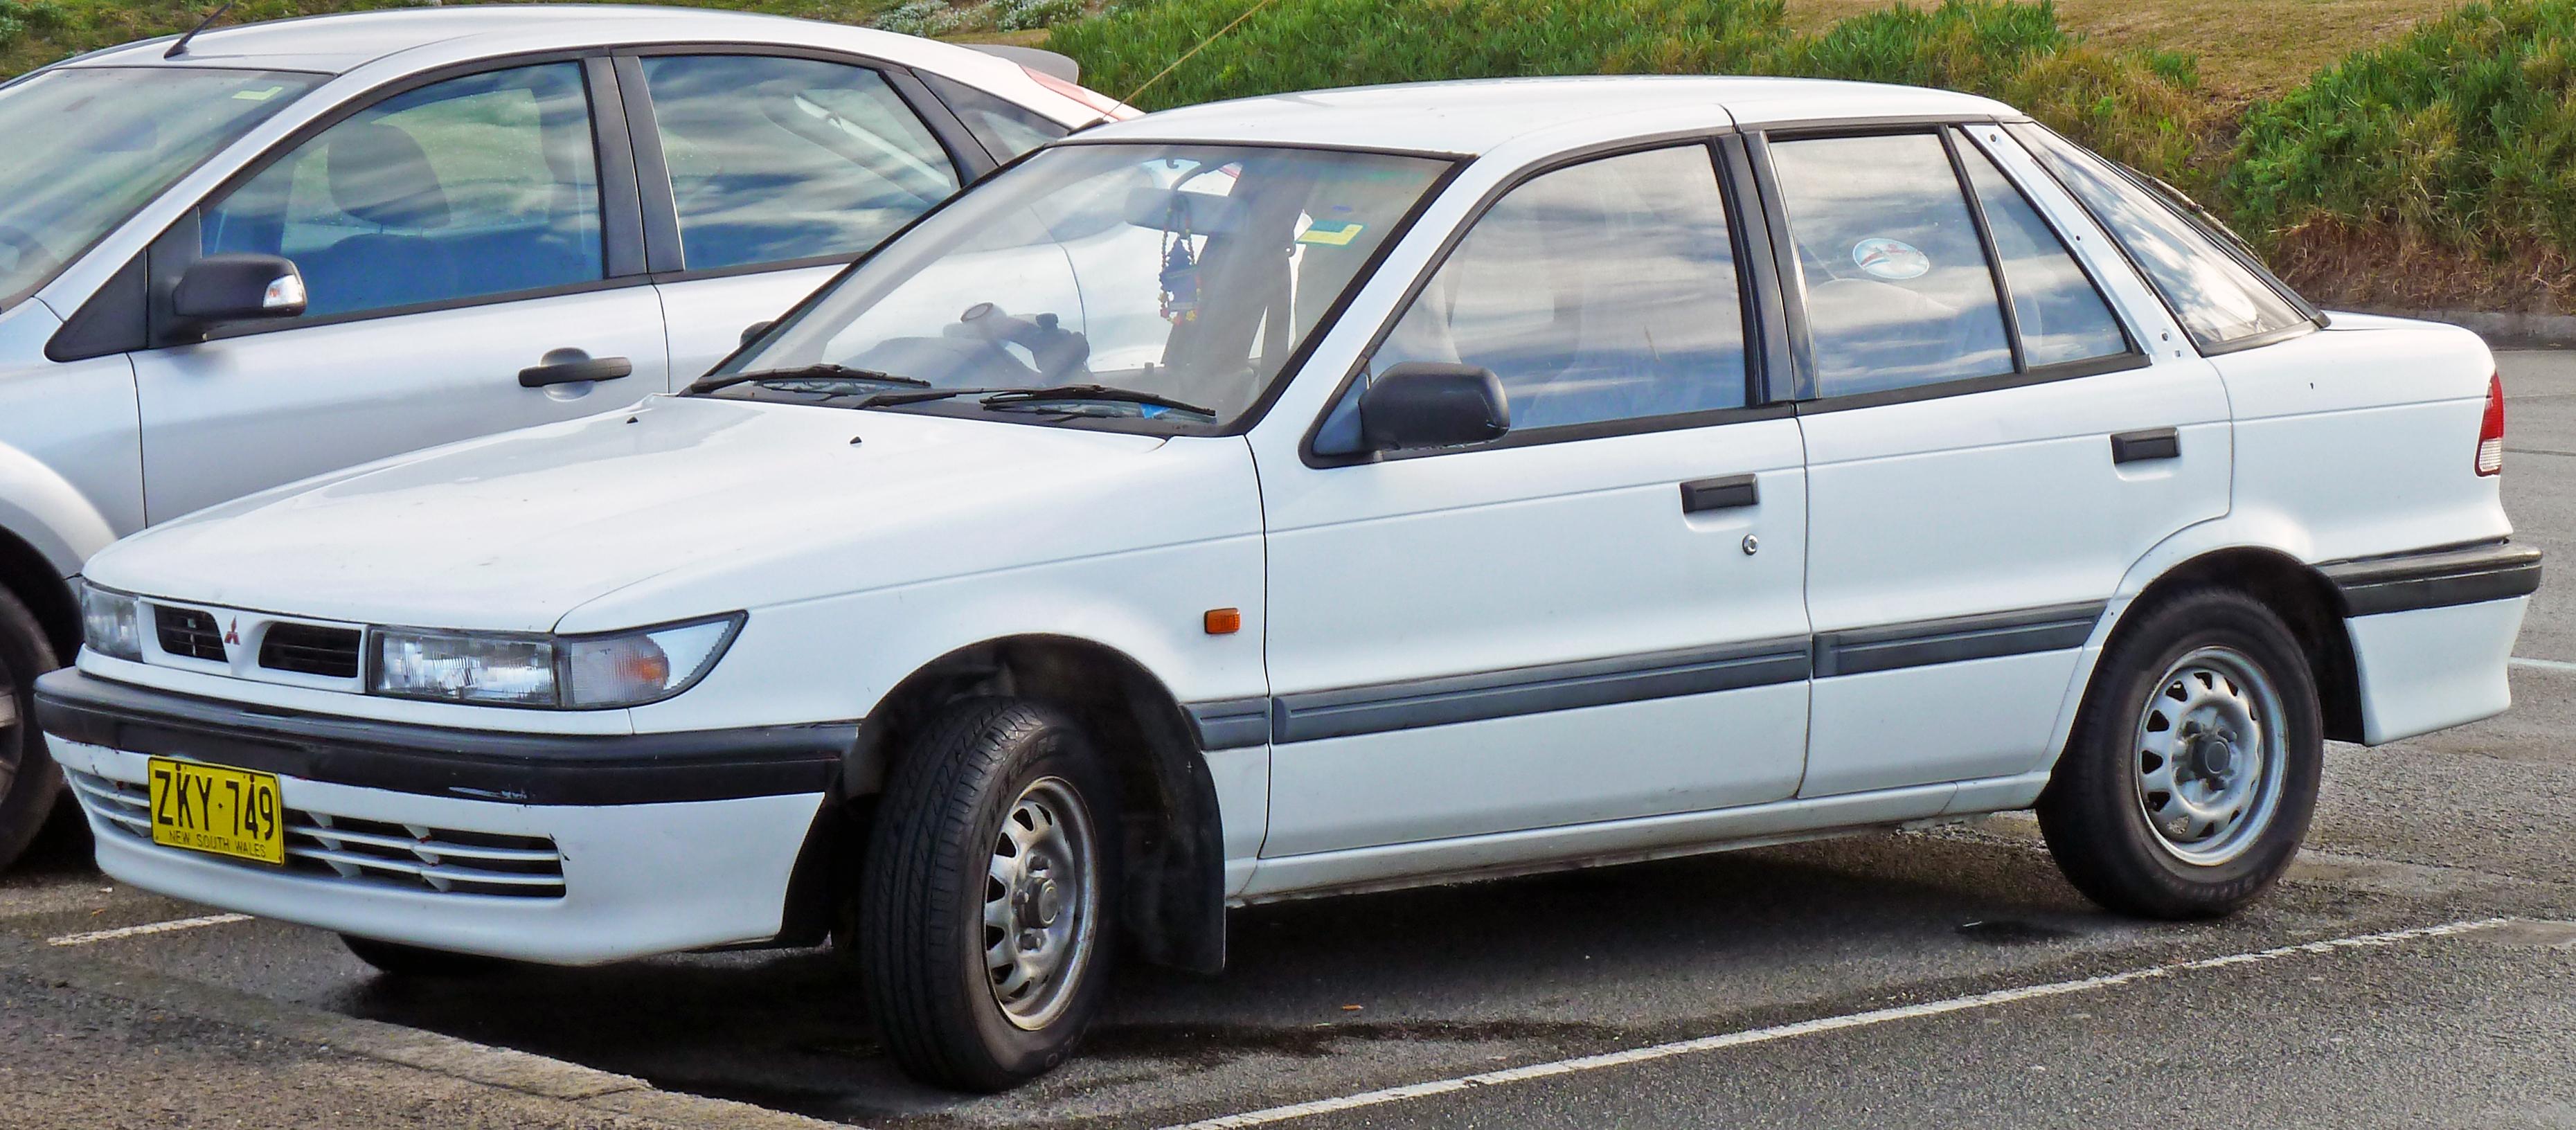 Mitsubishi Galant VII 1992 - 1996 Sedan #1